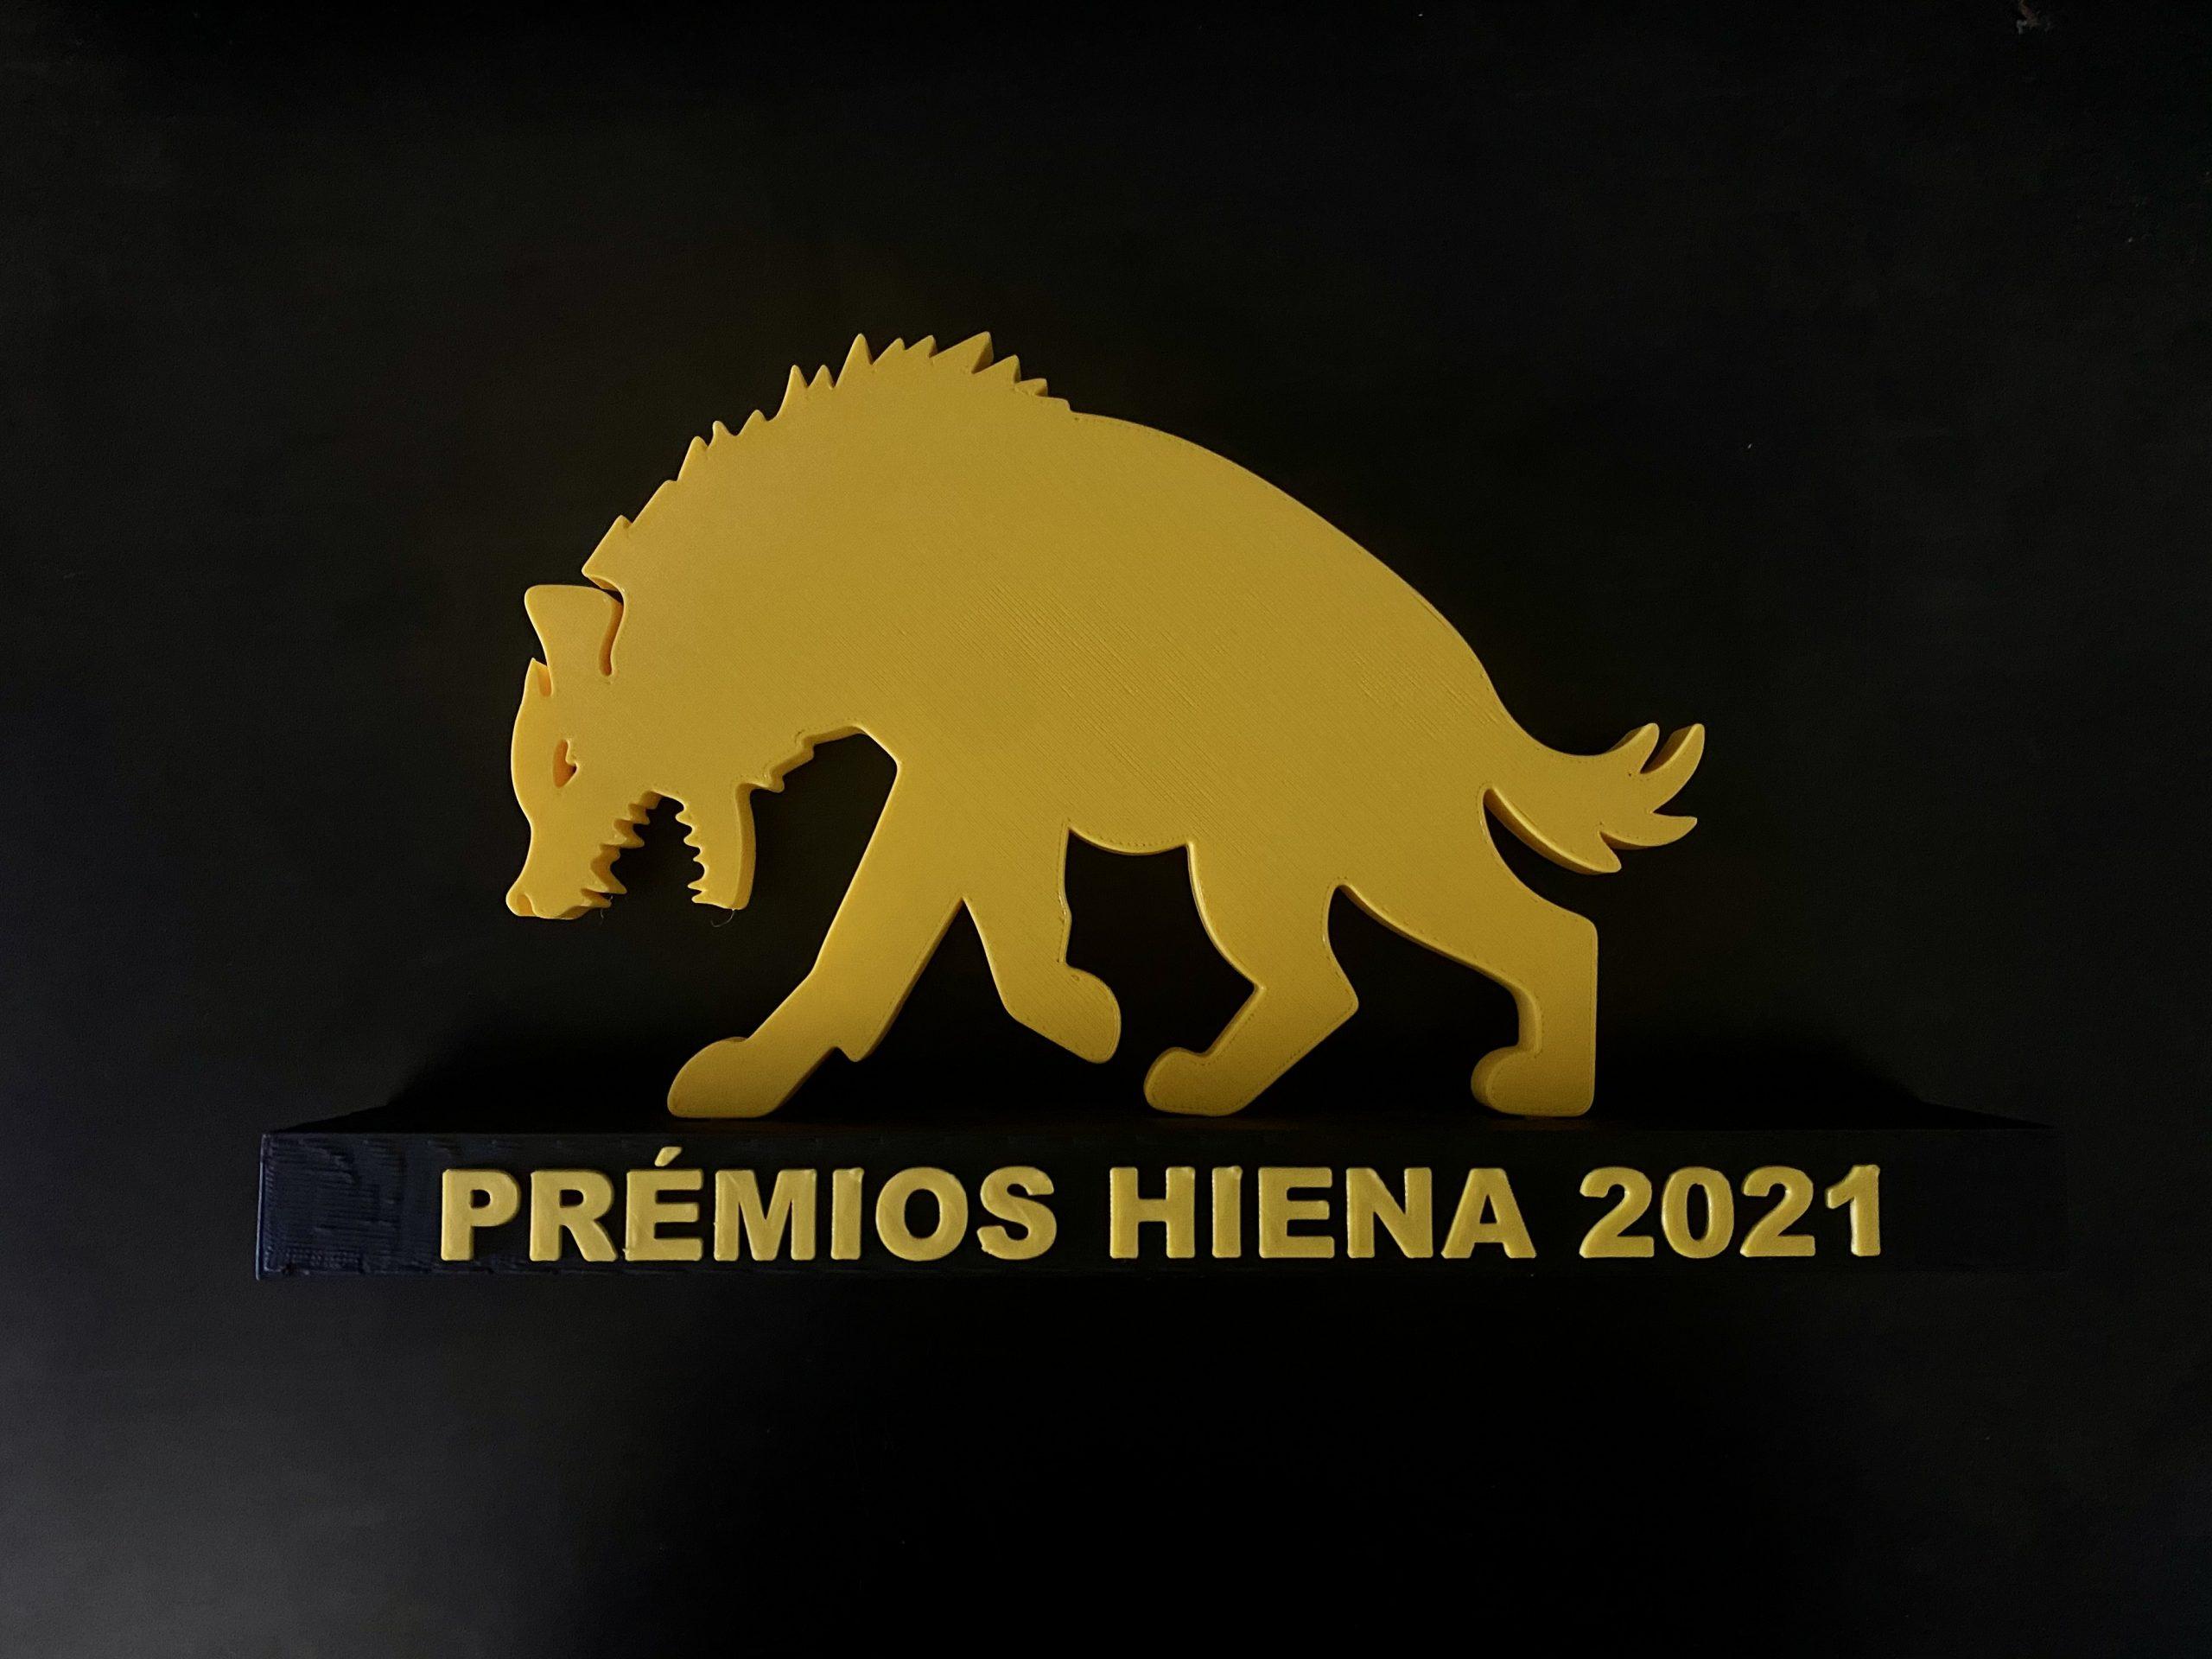 Os Prémios Hiena 2021 vão homenagear quem mais se destacou no humor nacional